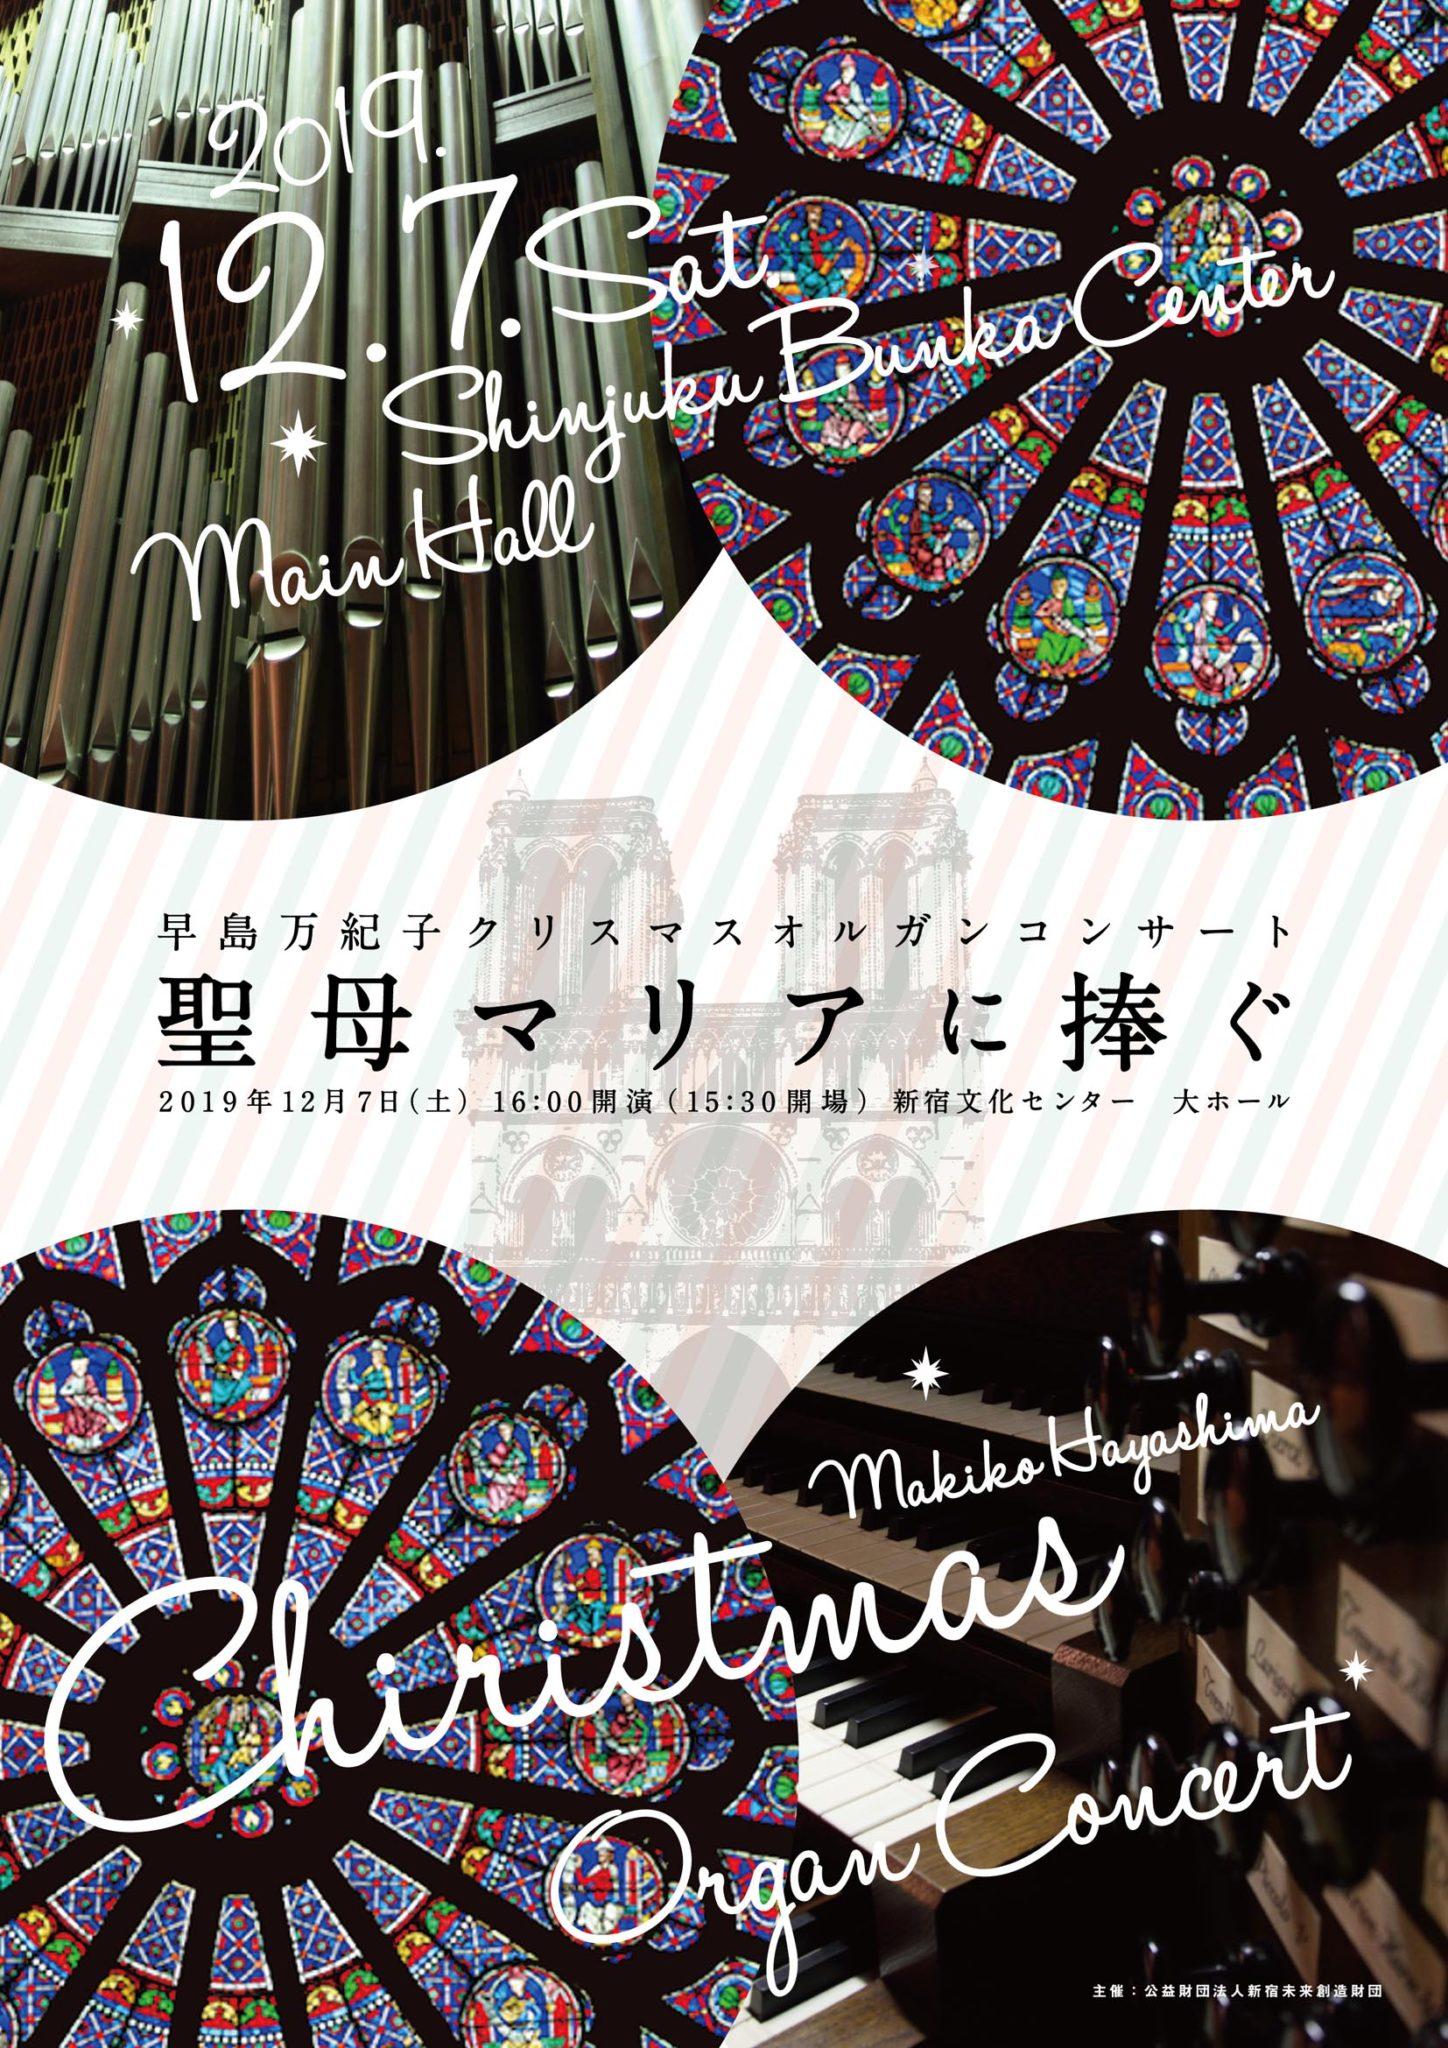 早島万紀子クリスマスオルガンコンサート 「聖母マリアに捧ぐ」